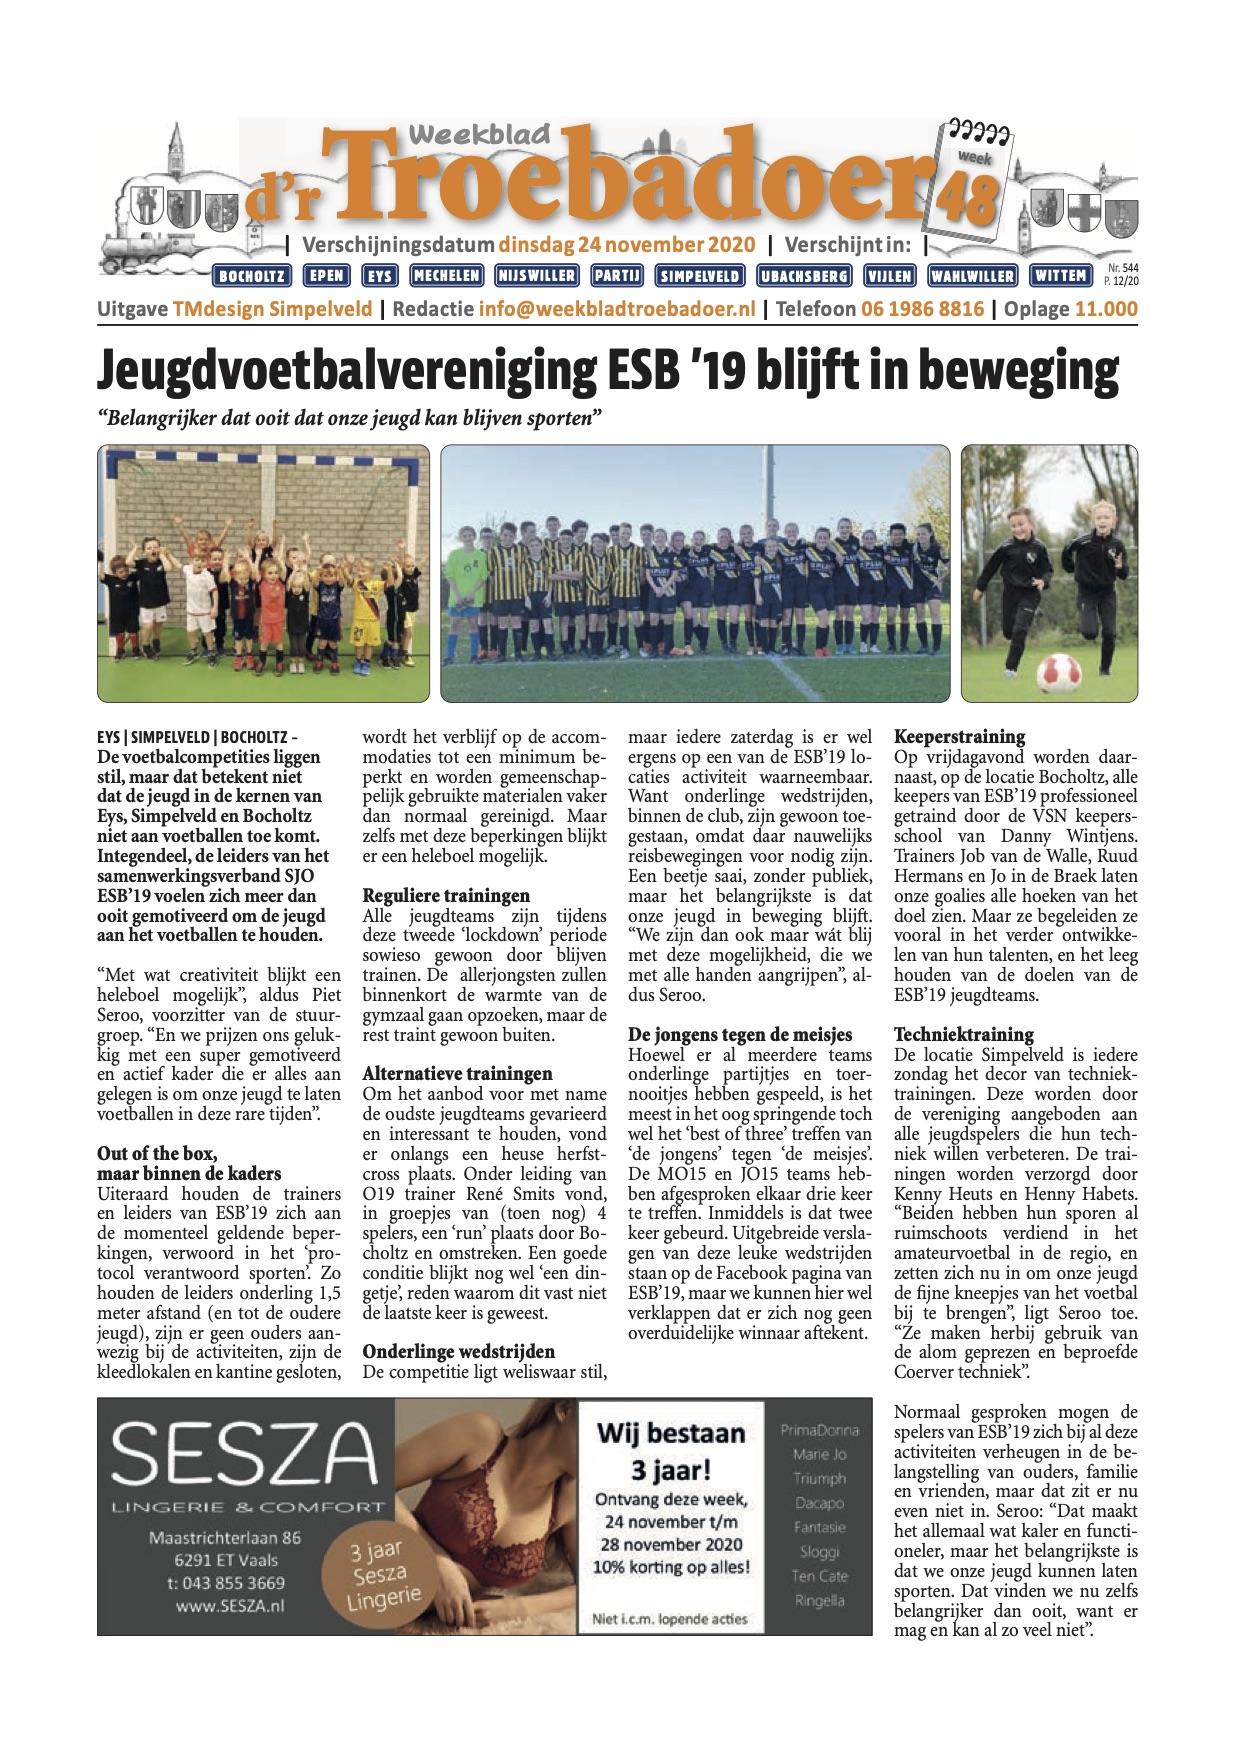 D'r Troebadoer besteedt uitgebreid aandacht aan ESB'19